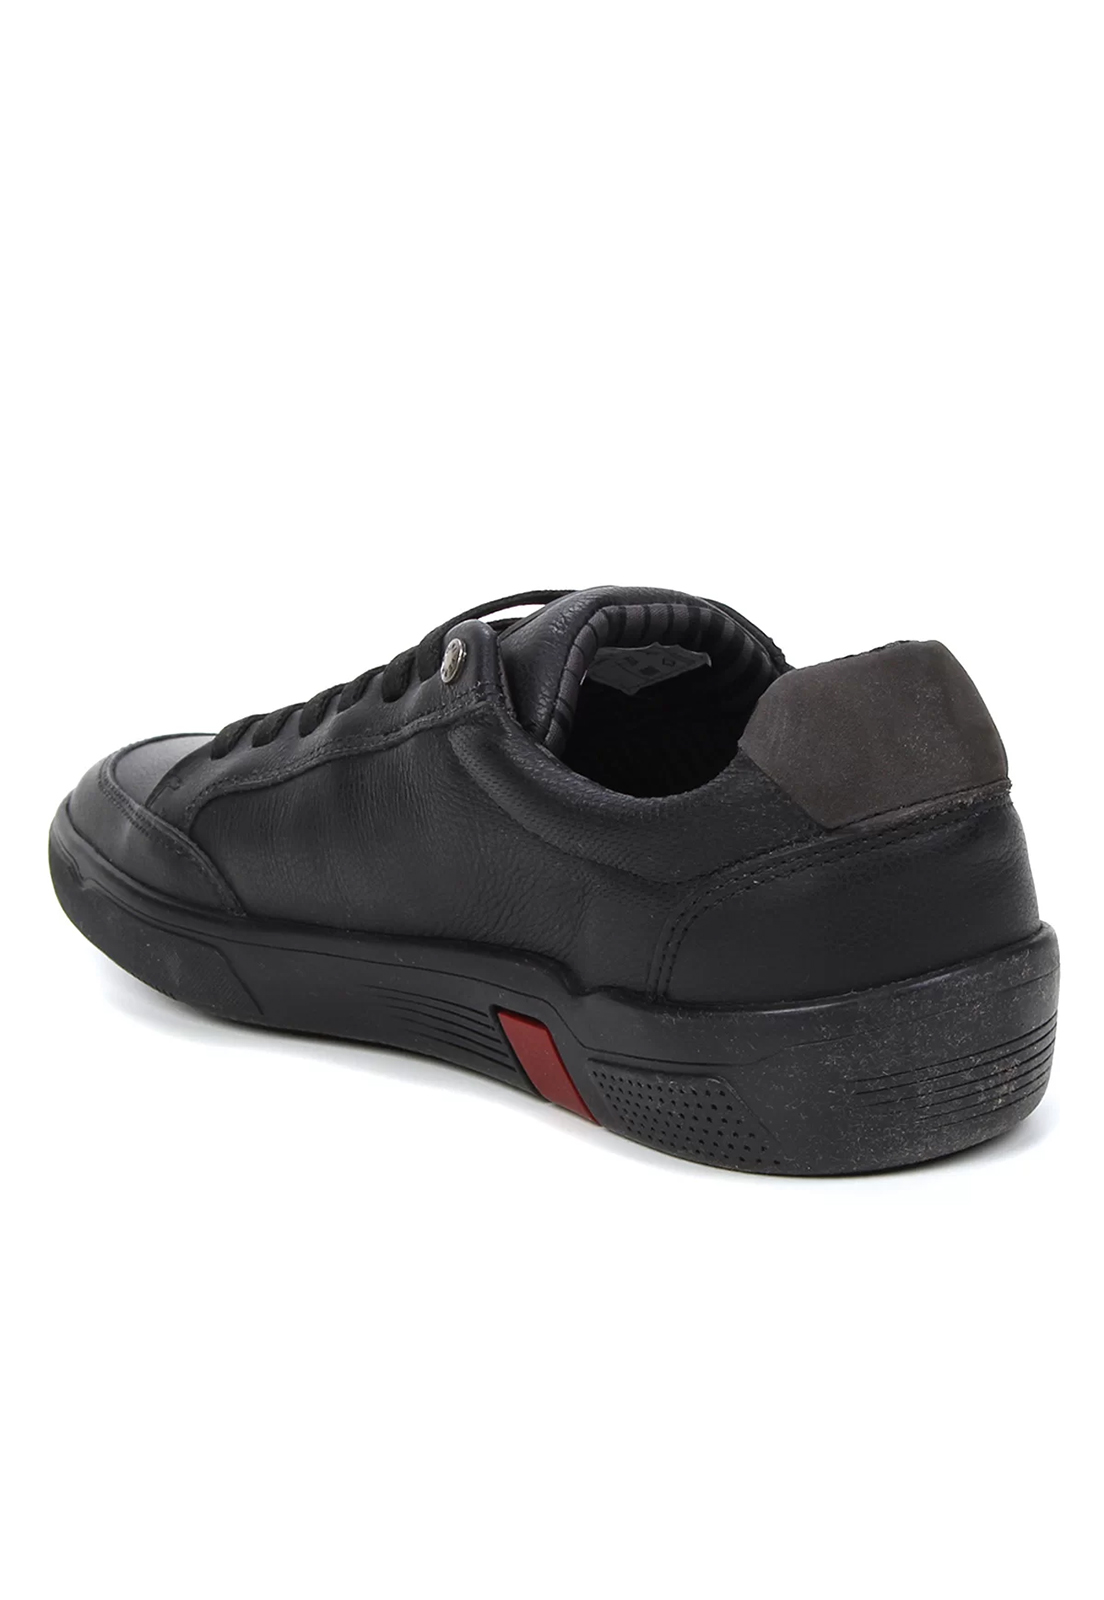 Sapato Masculino Couro Preto Sapatênis Montreal Ferracini 8954-566A